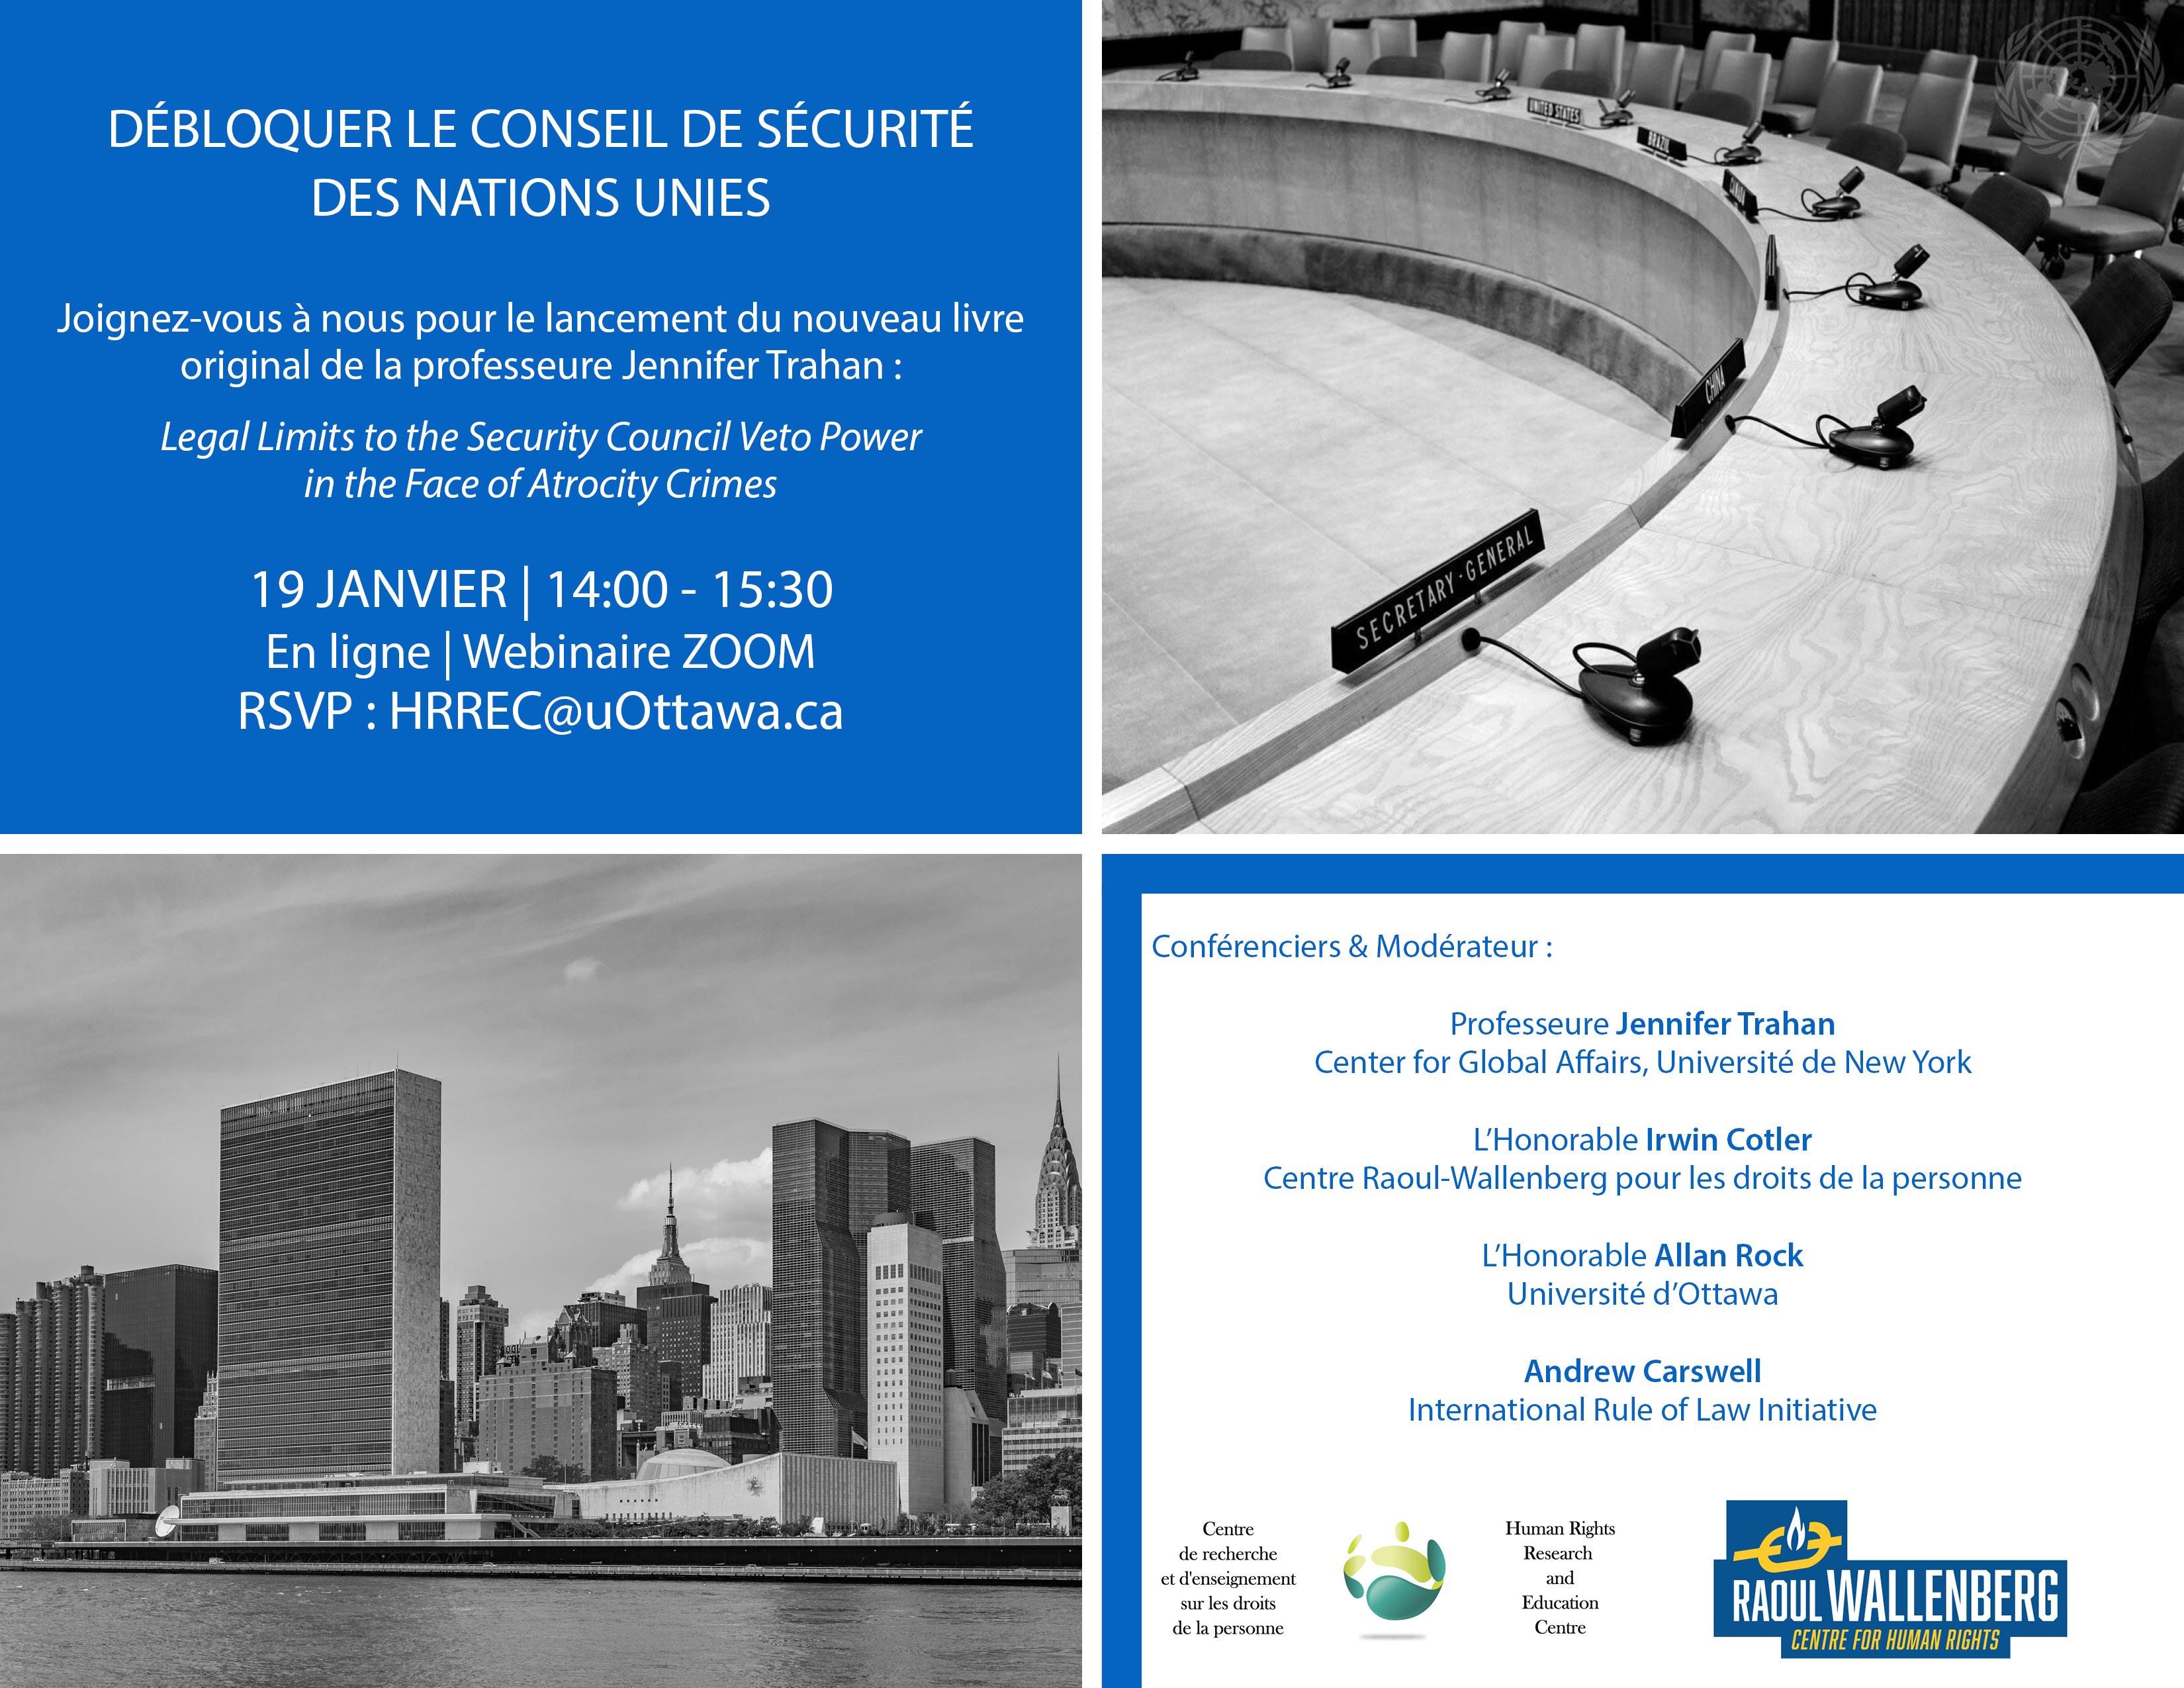 Webinaire - Débloquer le Conseil de sécurité des Nations unies